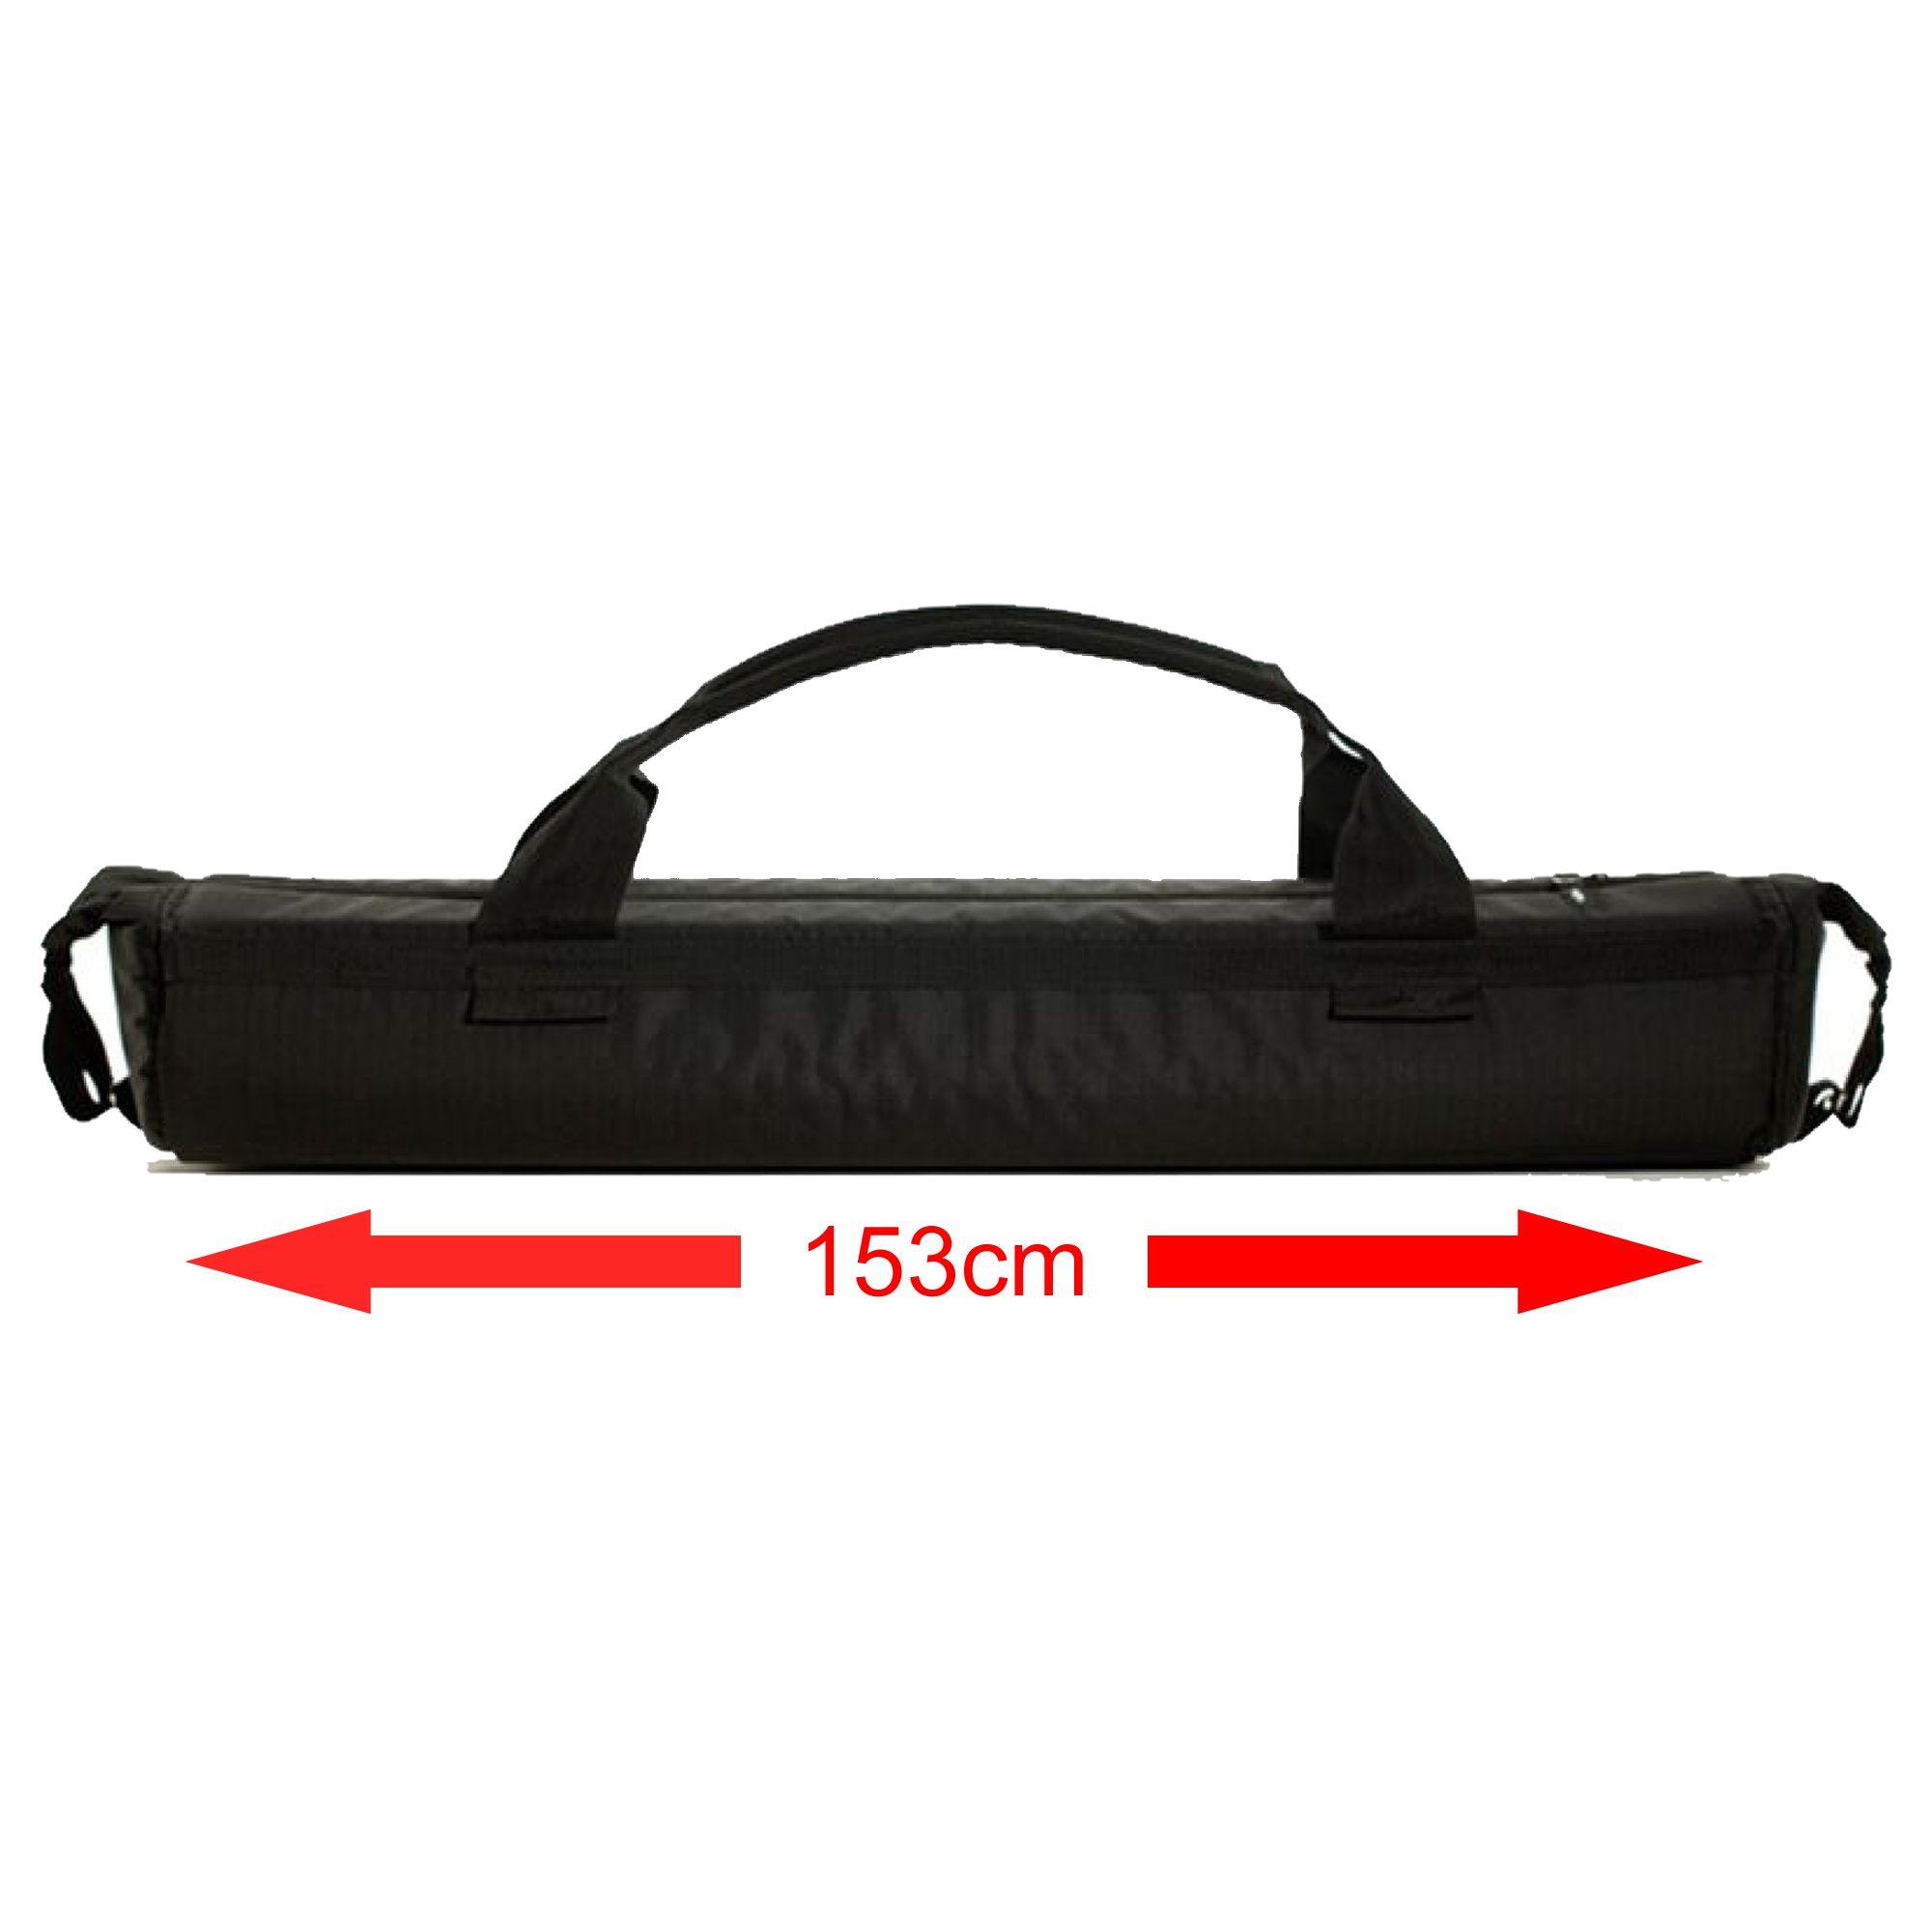 Capa Case Alhva 153cm Bag de Tripé, Instrumento Musical, Telescópio Bolsa em Nylon c/ Espuma